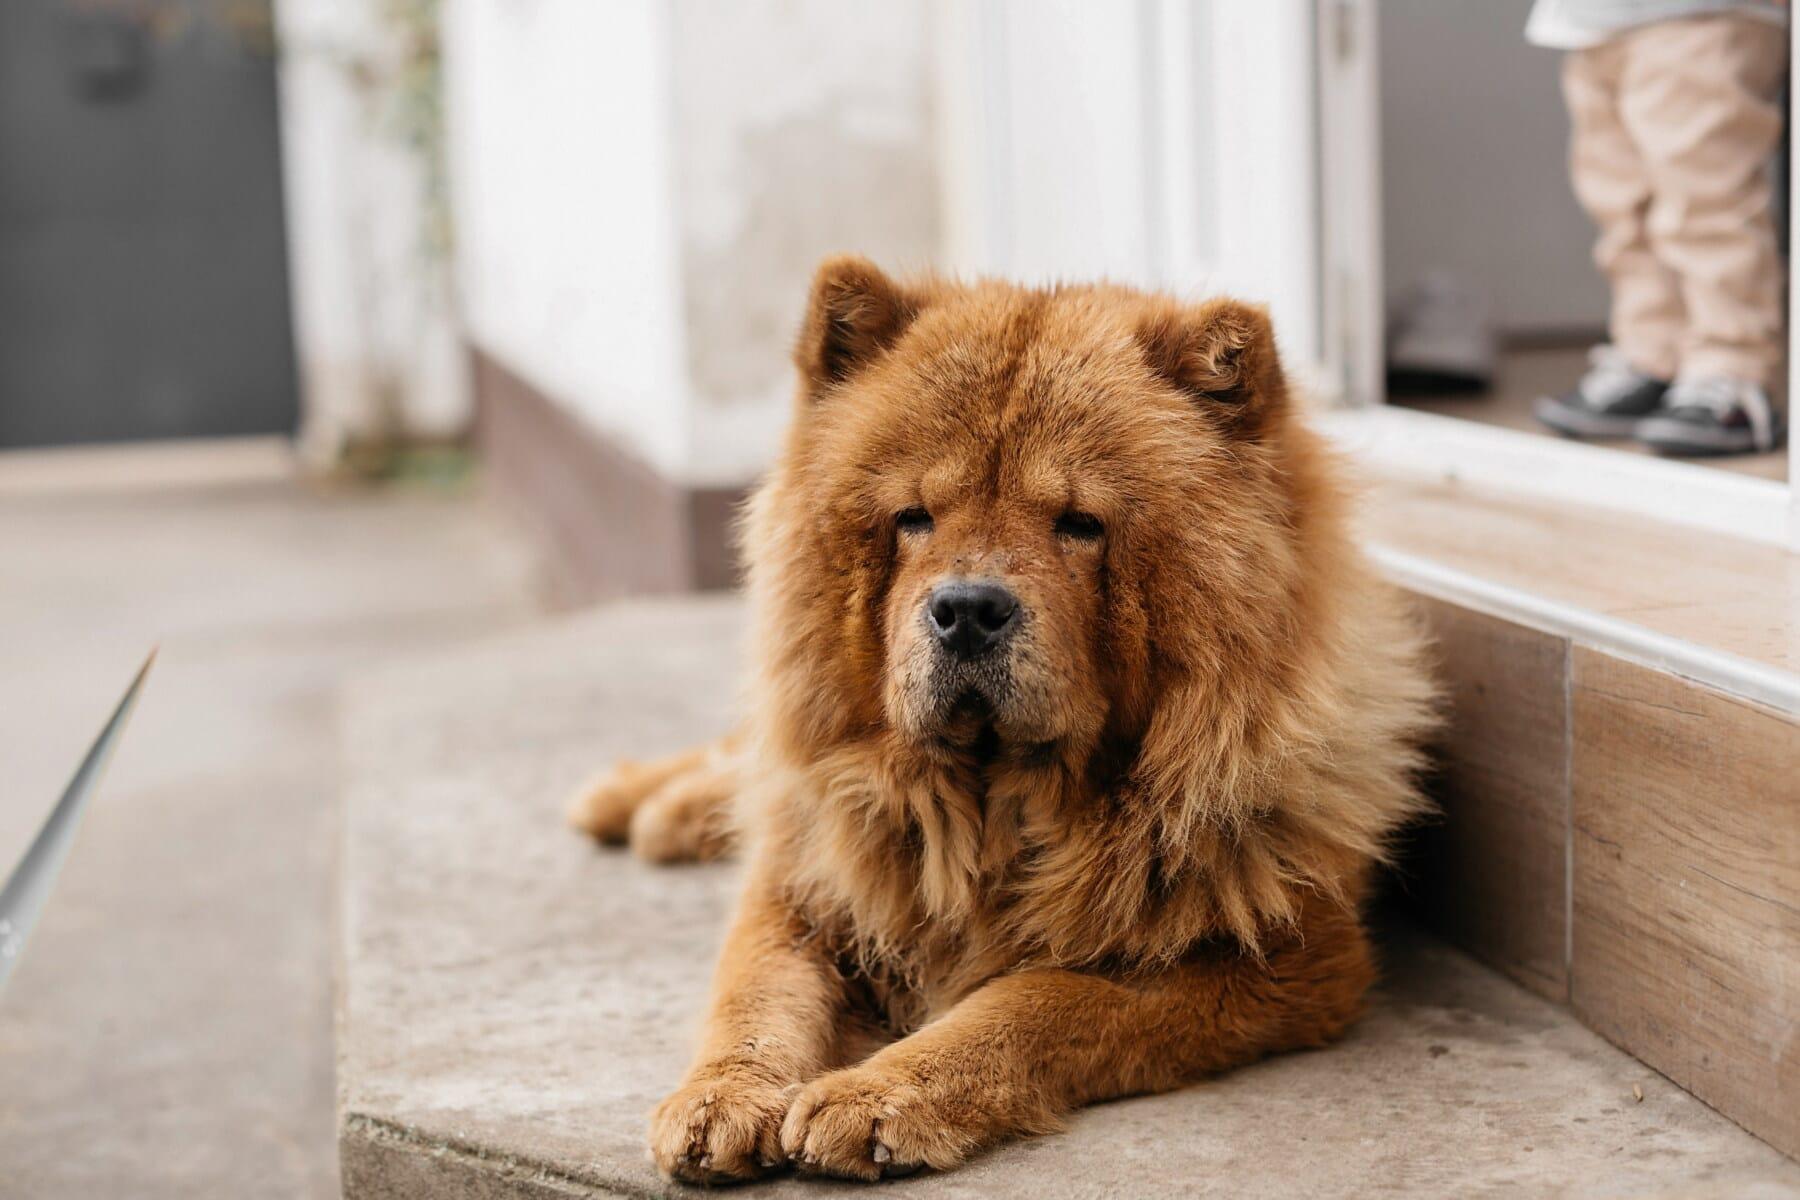 chien, furry, ampoule, escaliers, portant, porte d'entrée, fourrure, portrait, œil, mignon